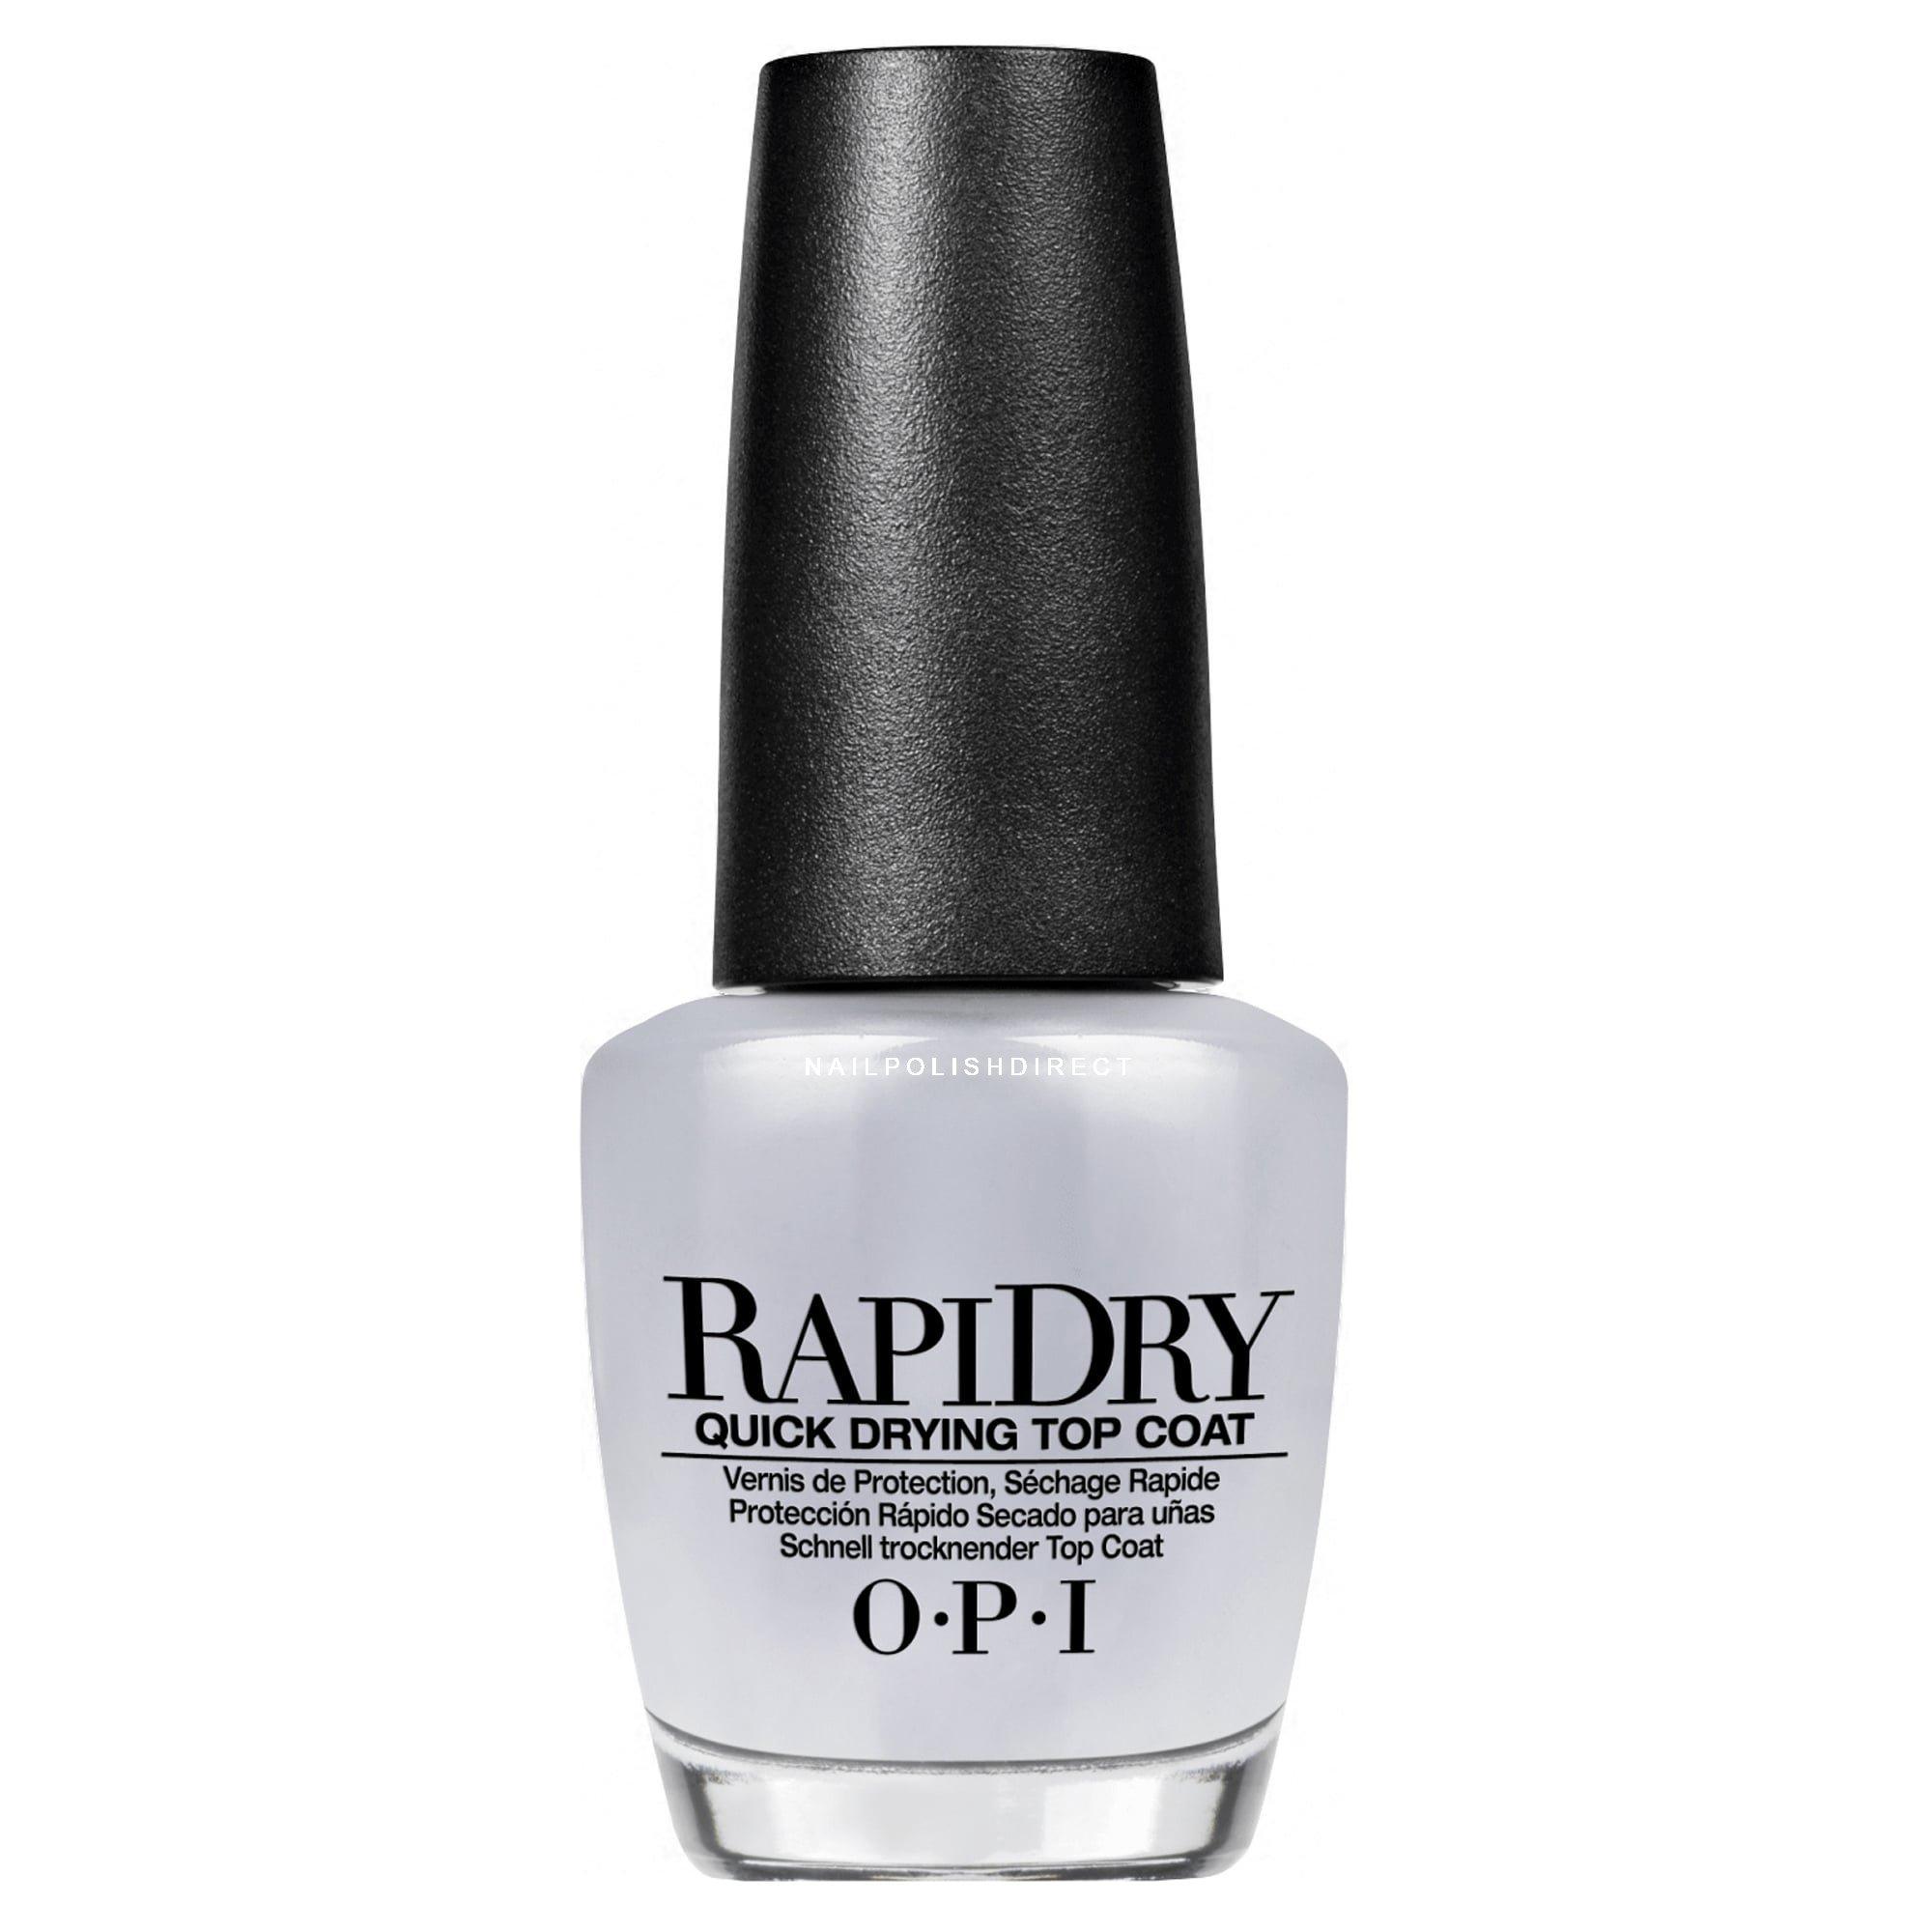 OPI Mini Treat RapiDry Top Coat - Quick-Dry Top Coat 3.75ml